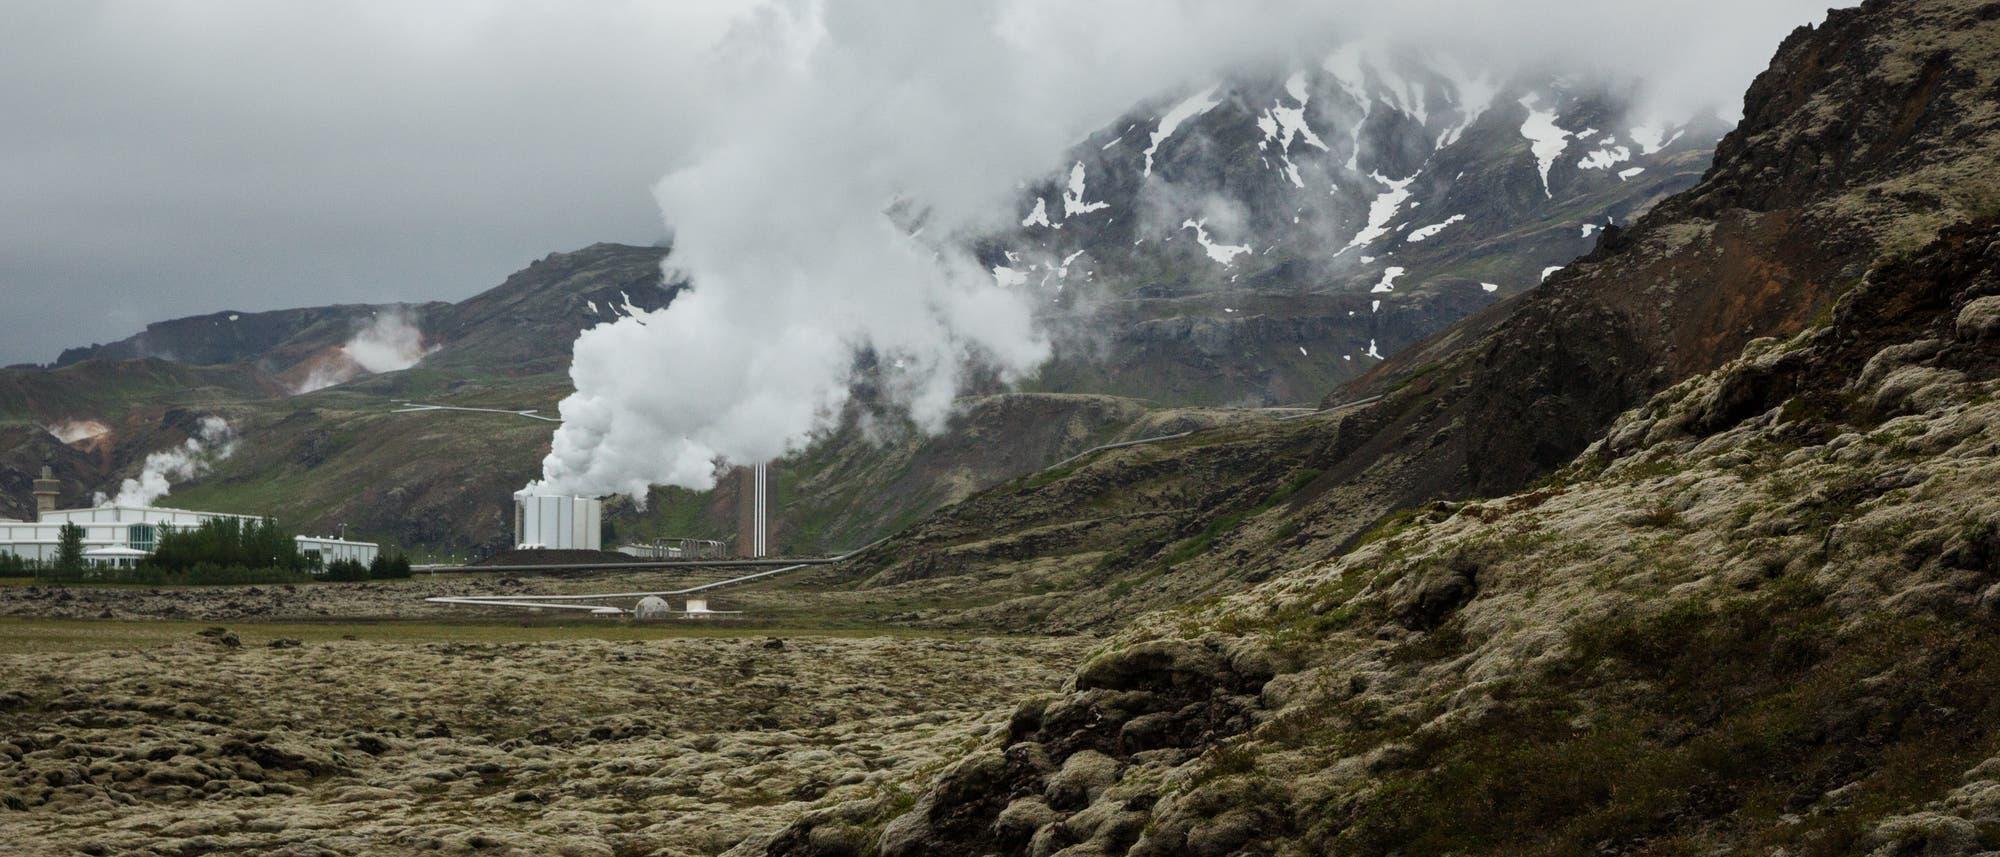 Isländische Landschaft mit dampfendem Erdwärmekraftwerk im Zentrum